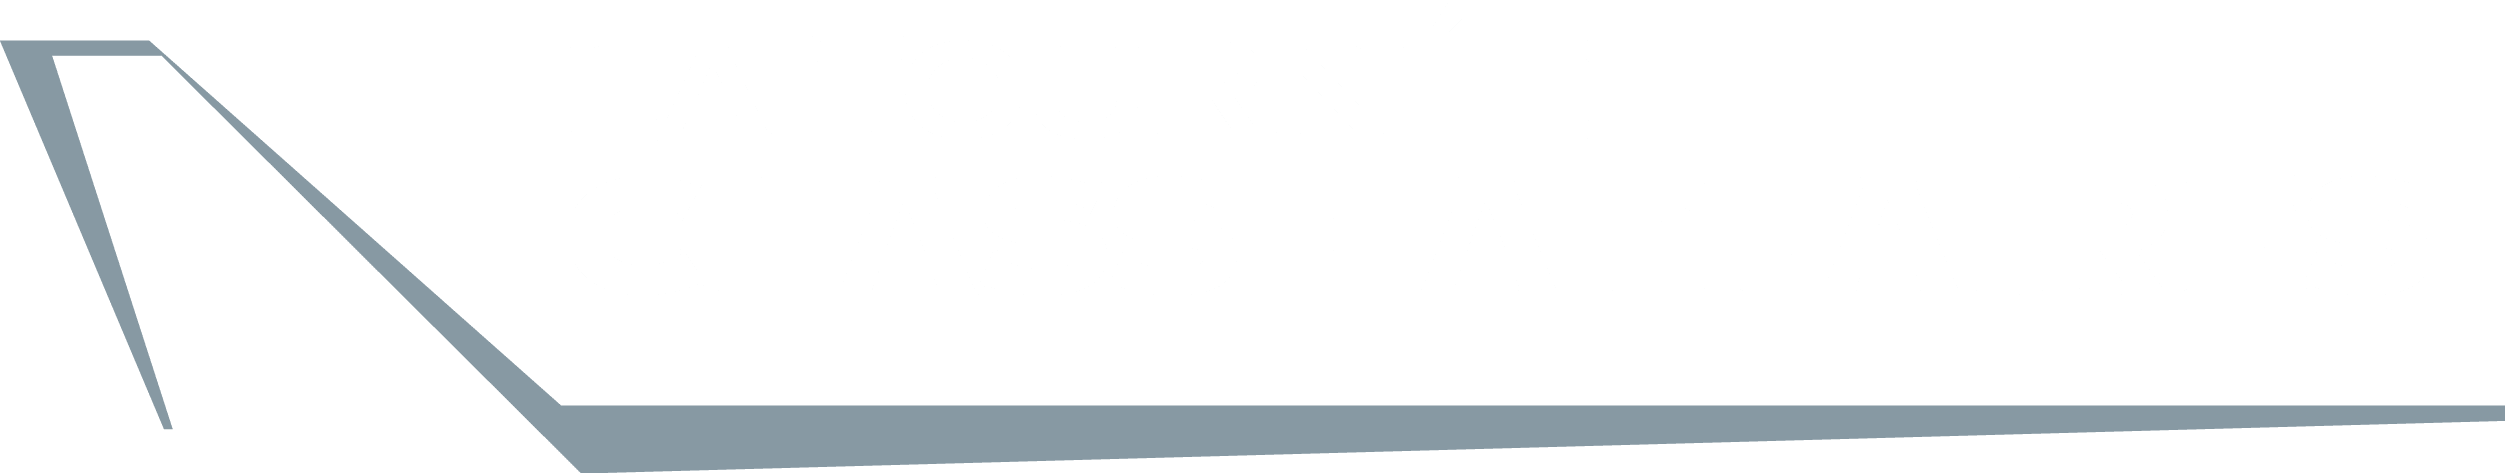 Conférenciers Québec, Formation, Motivation et Team Building - Formax - La Tournée Classe Affaires 2